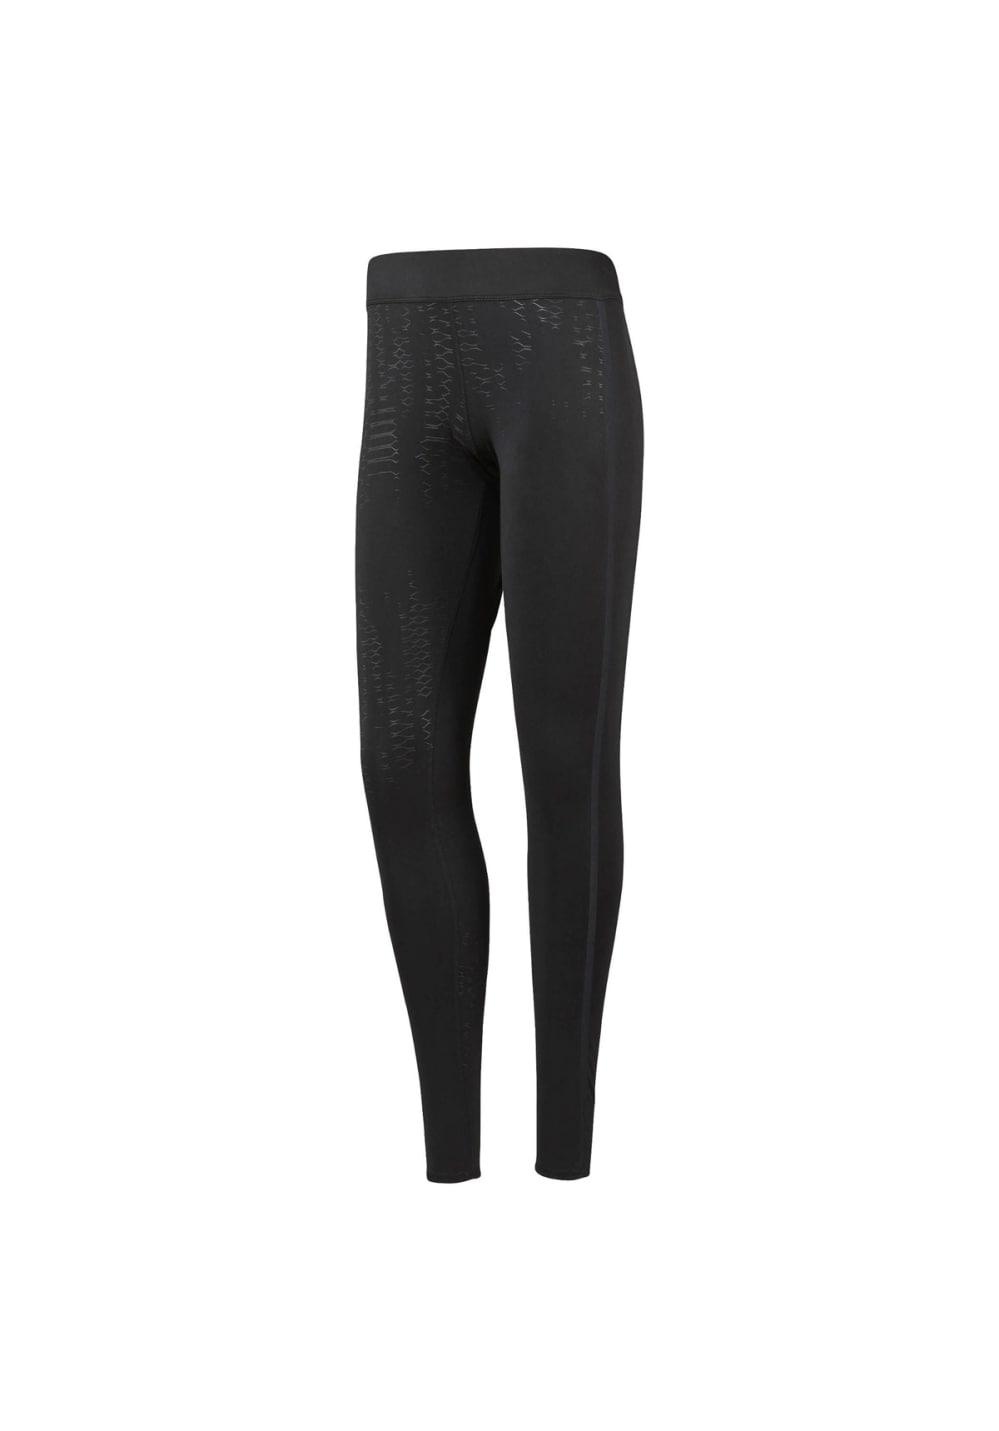 Reebok Crossfit Tight - Textured - Fitnesshosen für Damen - Schwarz, Gr. L